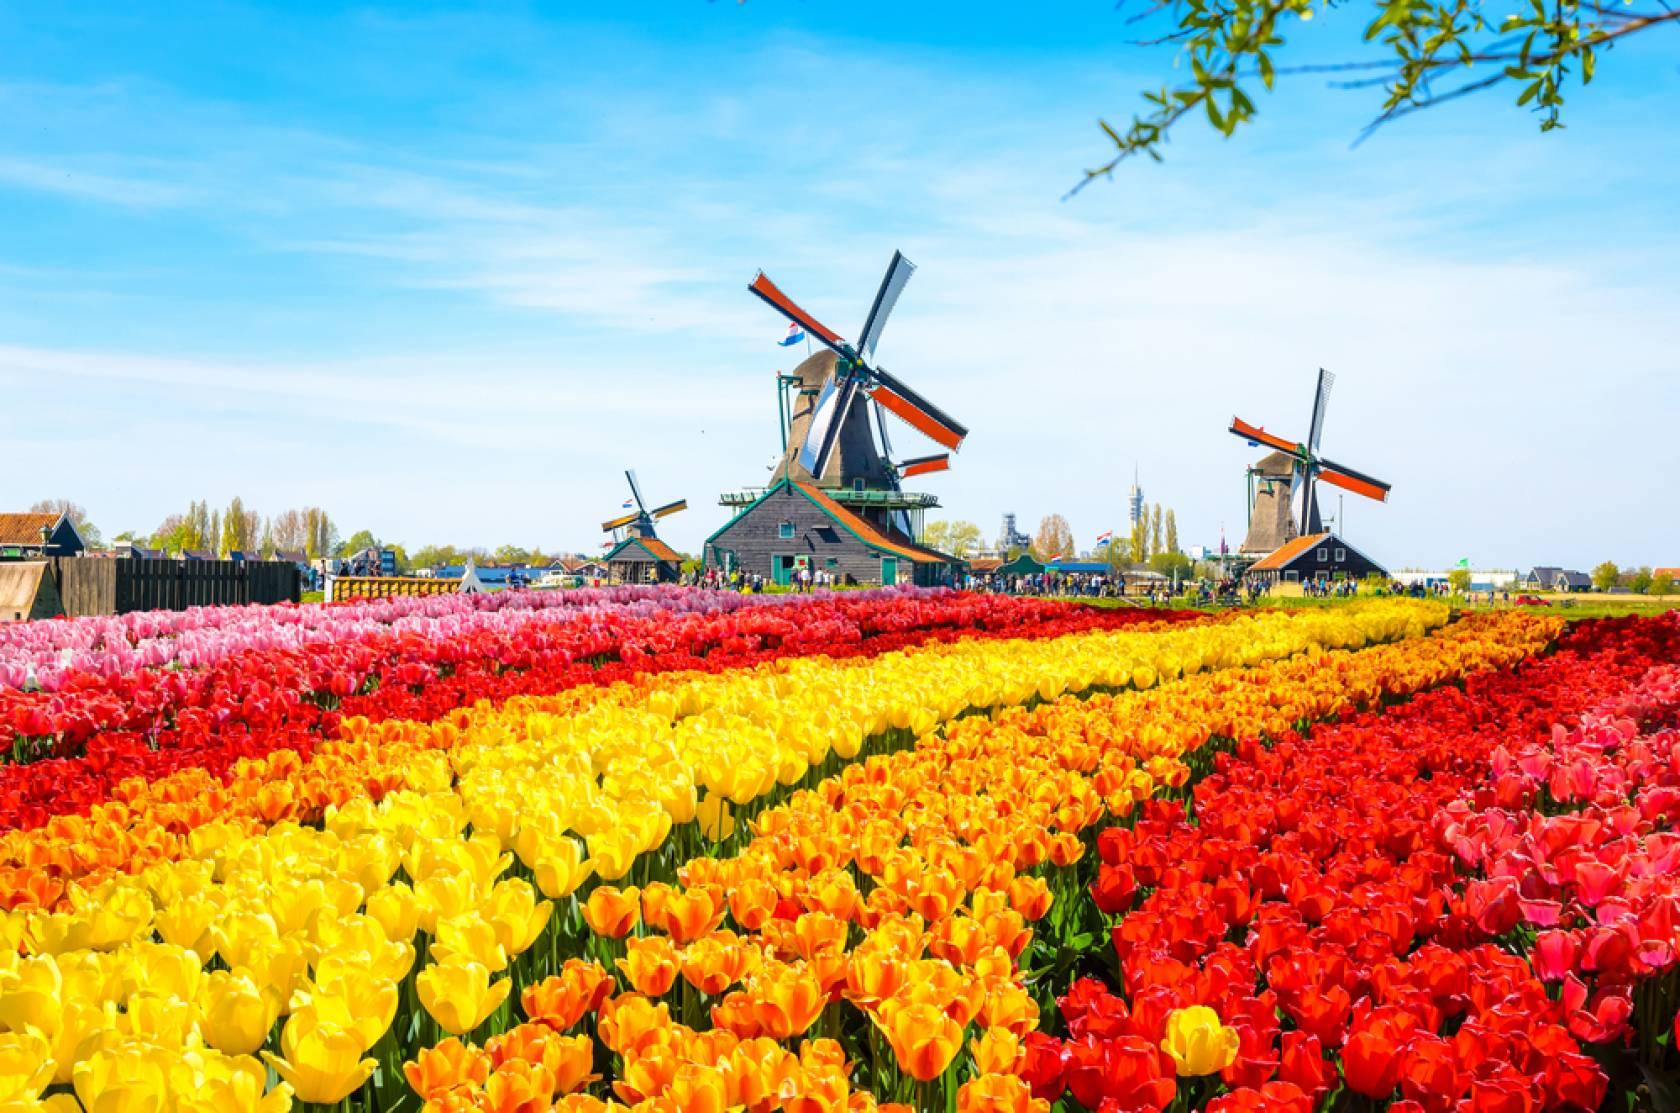 ベルギーとオランダ 2カ国周遊ツアー/ベルギーエクスプレス